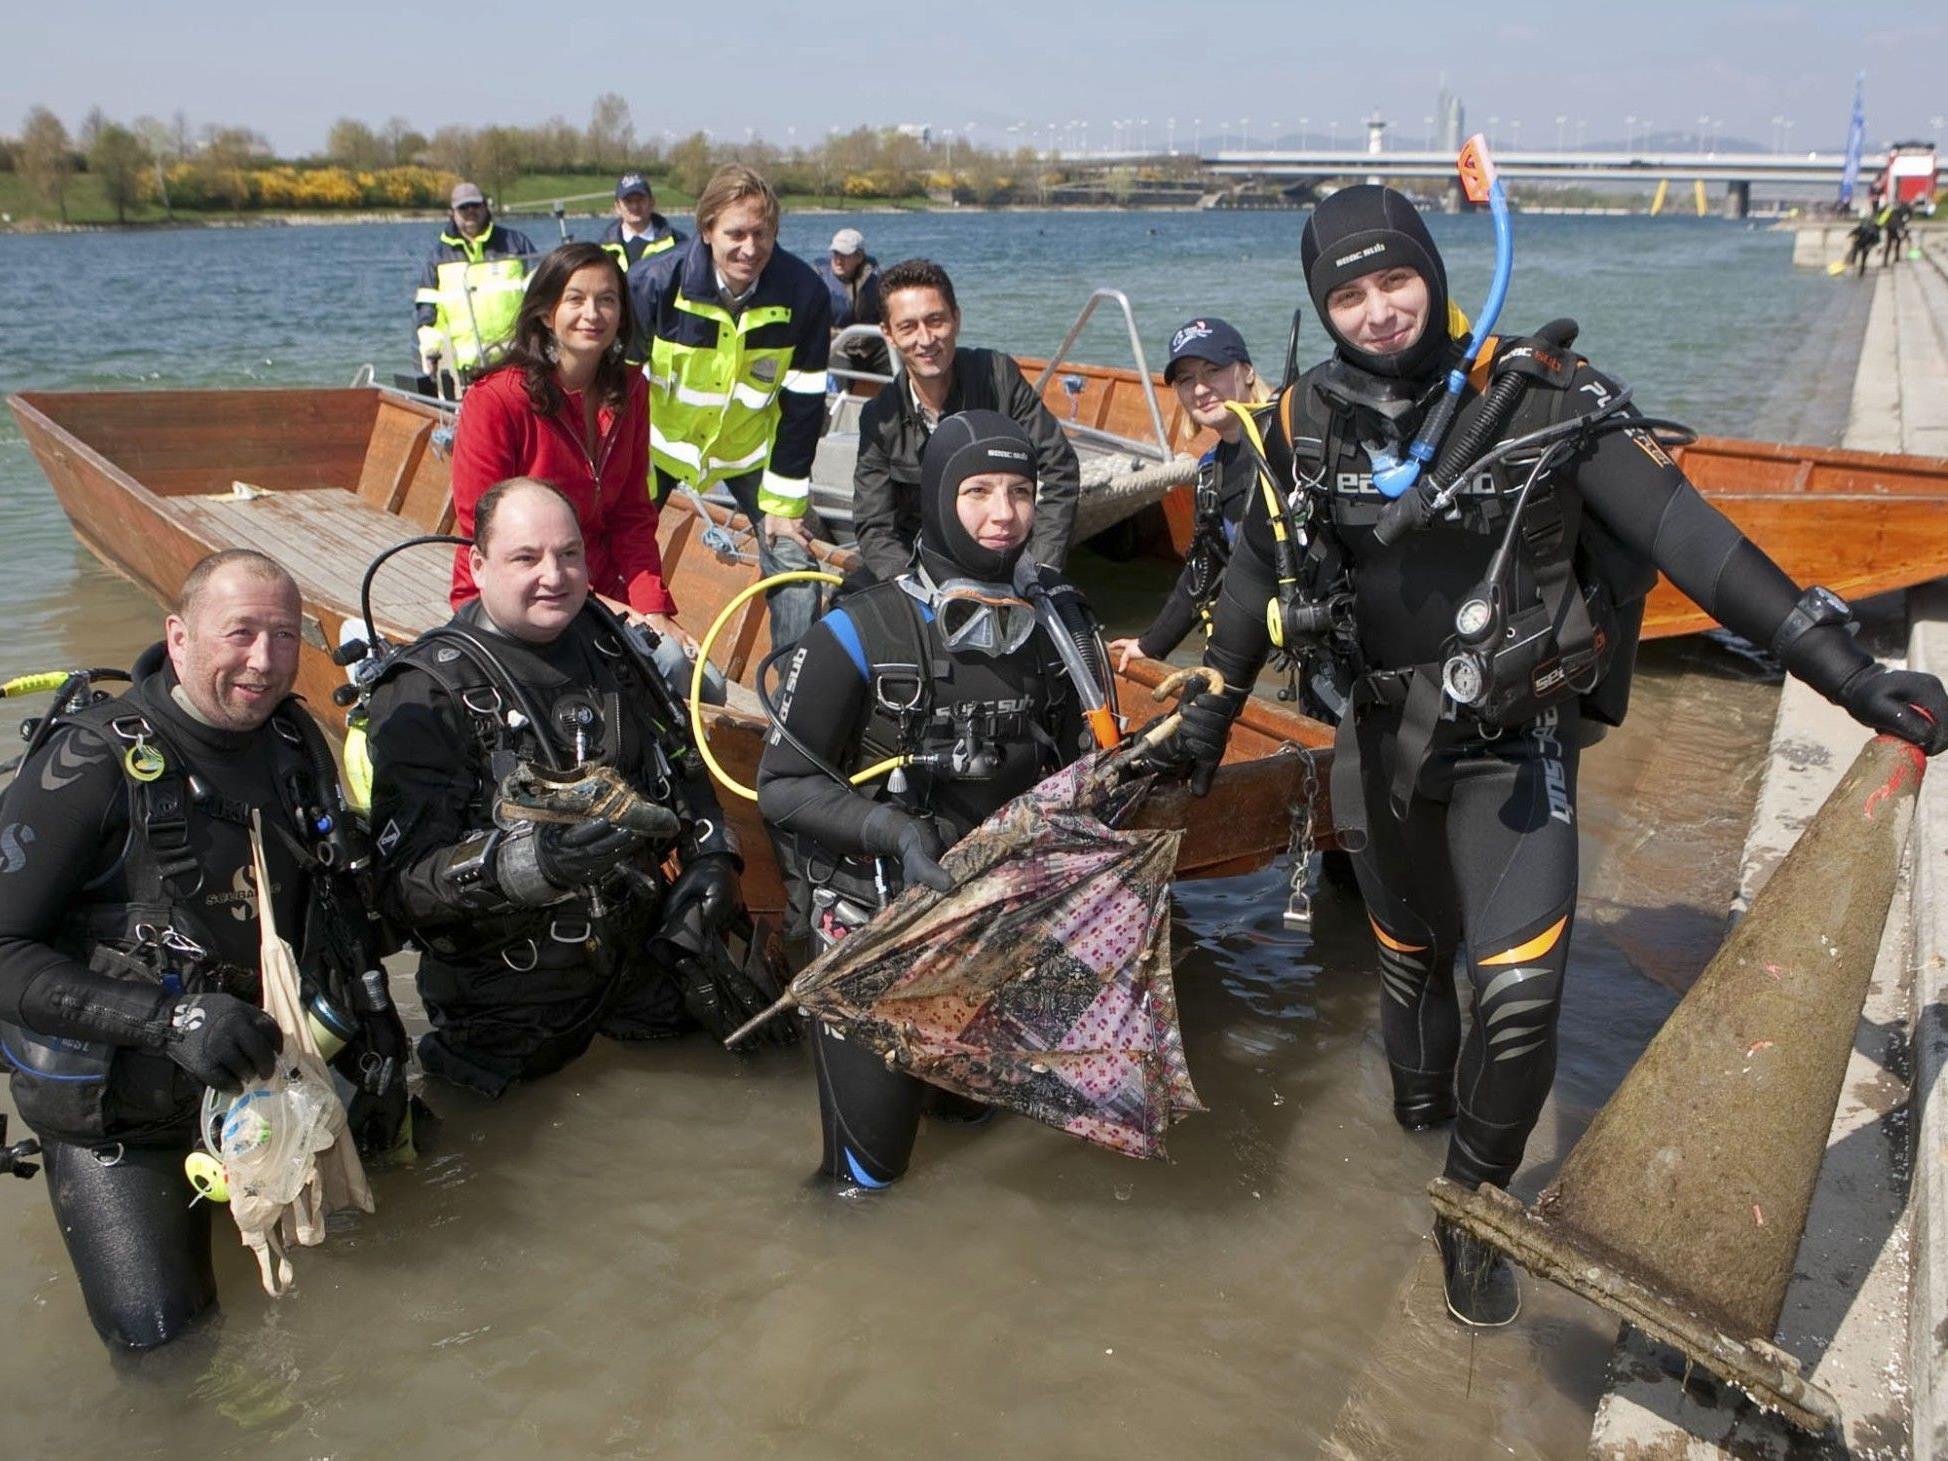 Nicht nur über, sondern auch unter dem Wasser wird geputzt. Die Taucher eröffnen damit auch gleich ihre Saison.